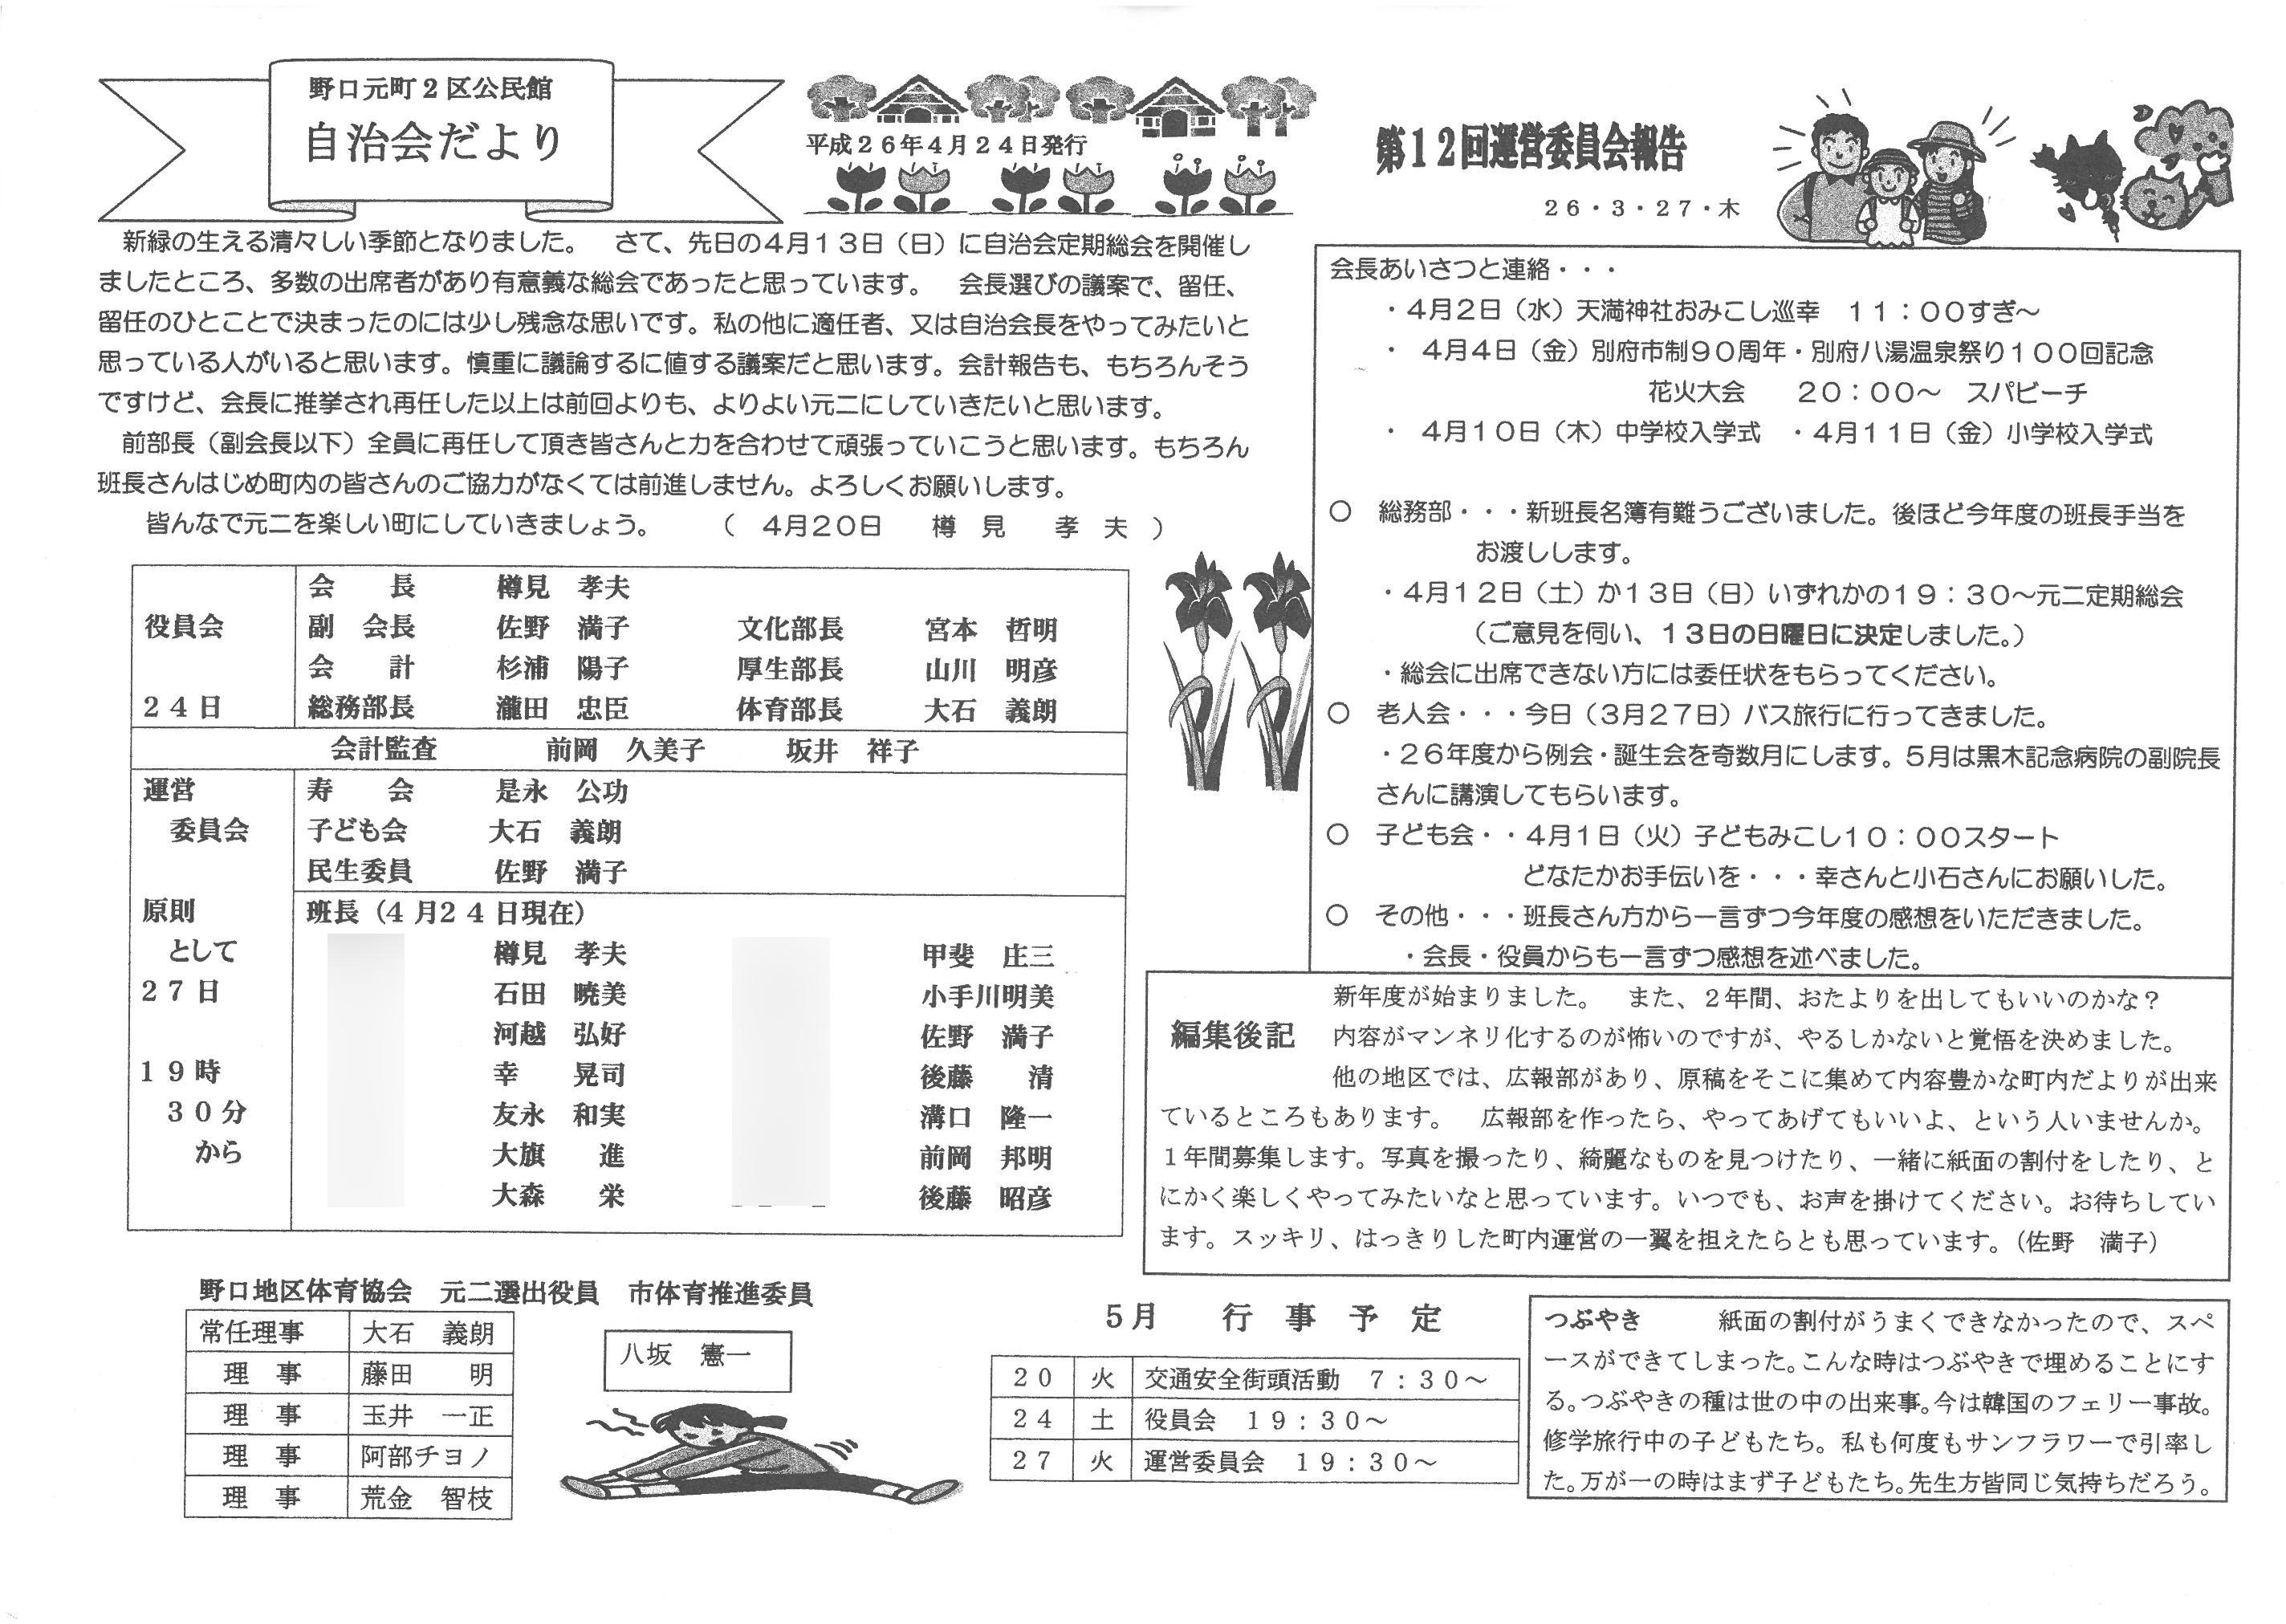 noguchimotomachi2ku_2014_05